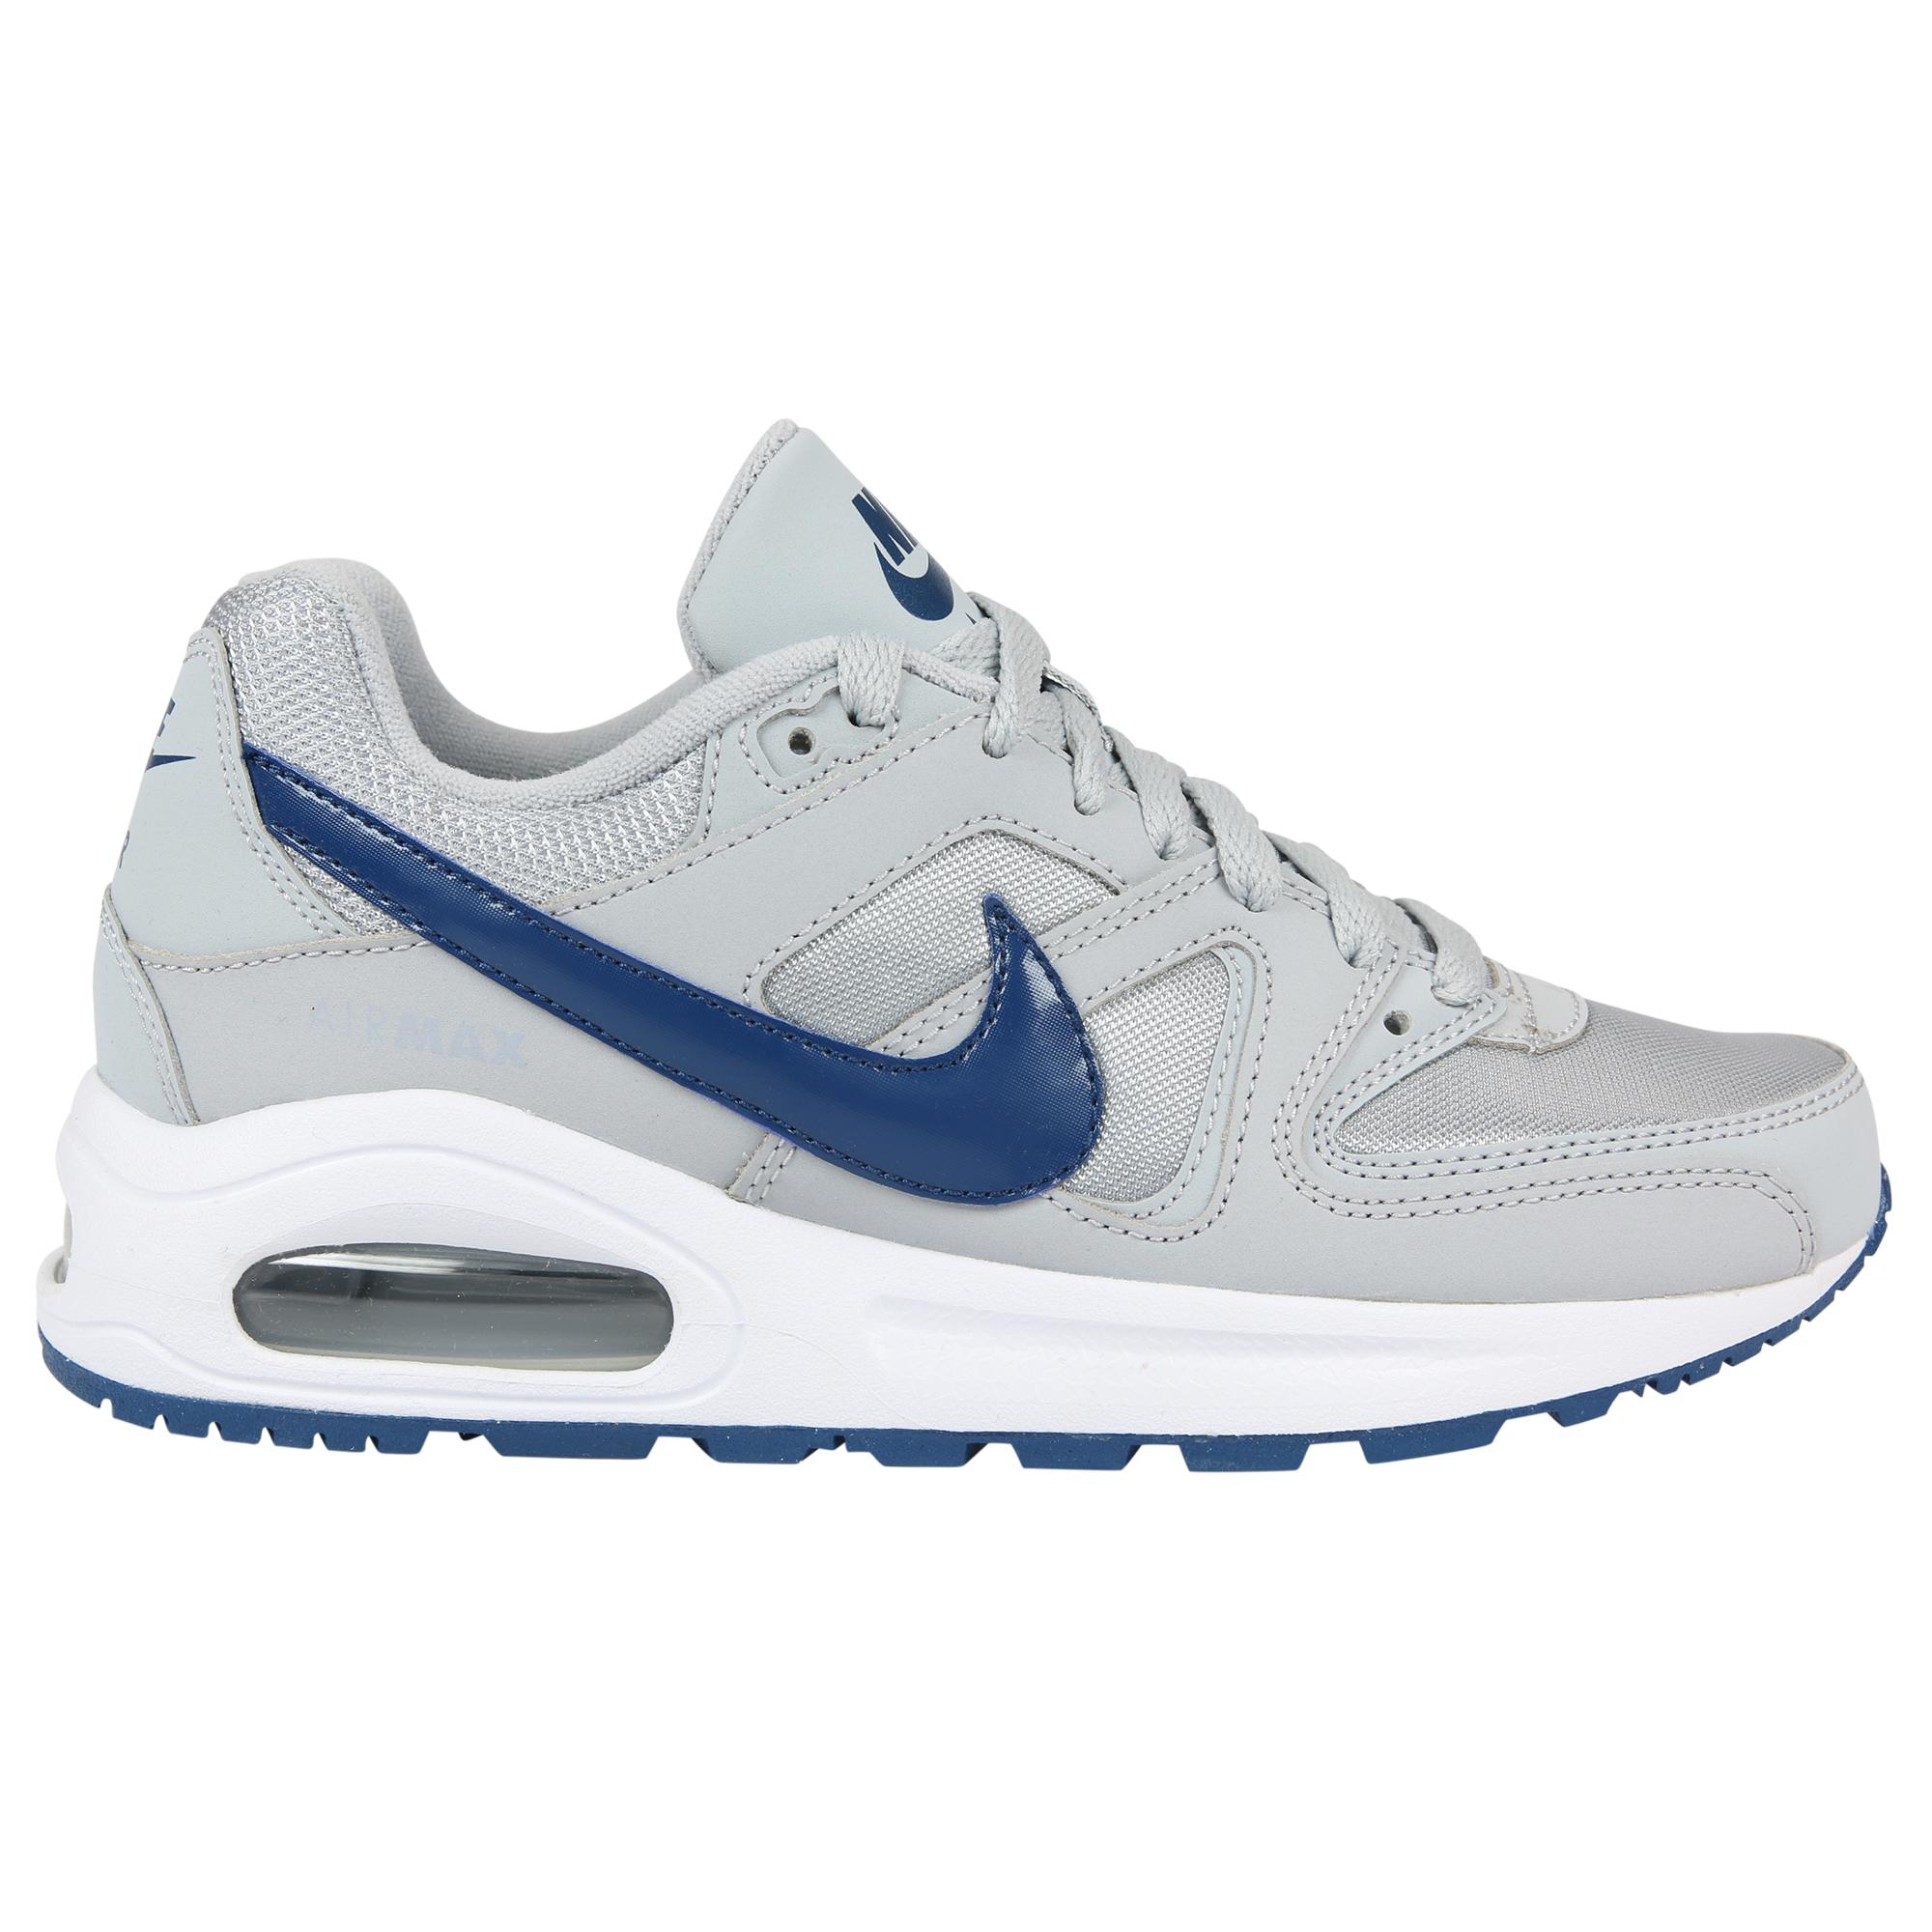 Nike Air Max 1 Wesentliche Damen Ebay eT21uIh8